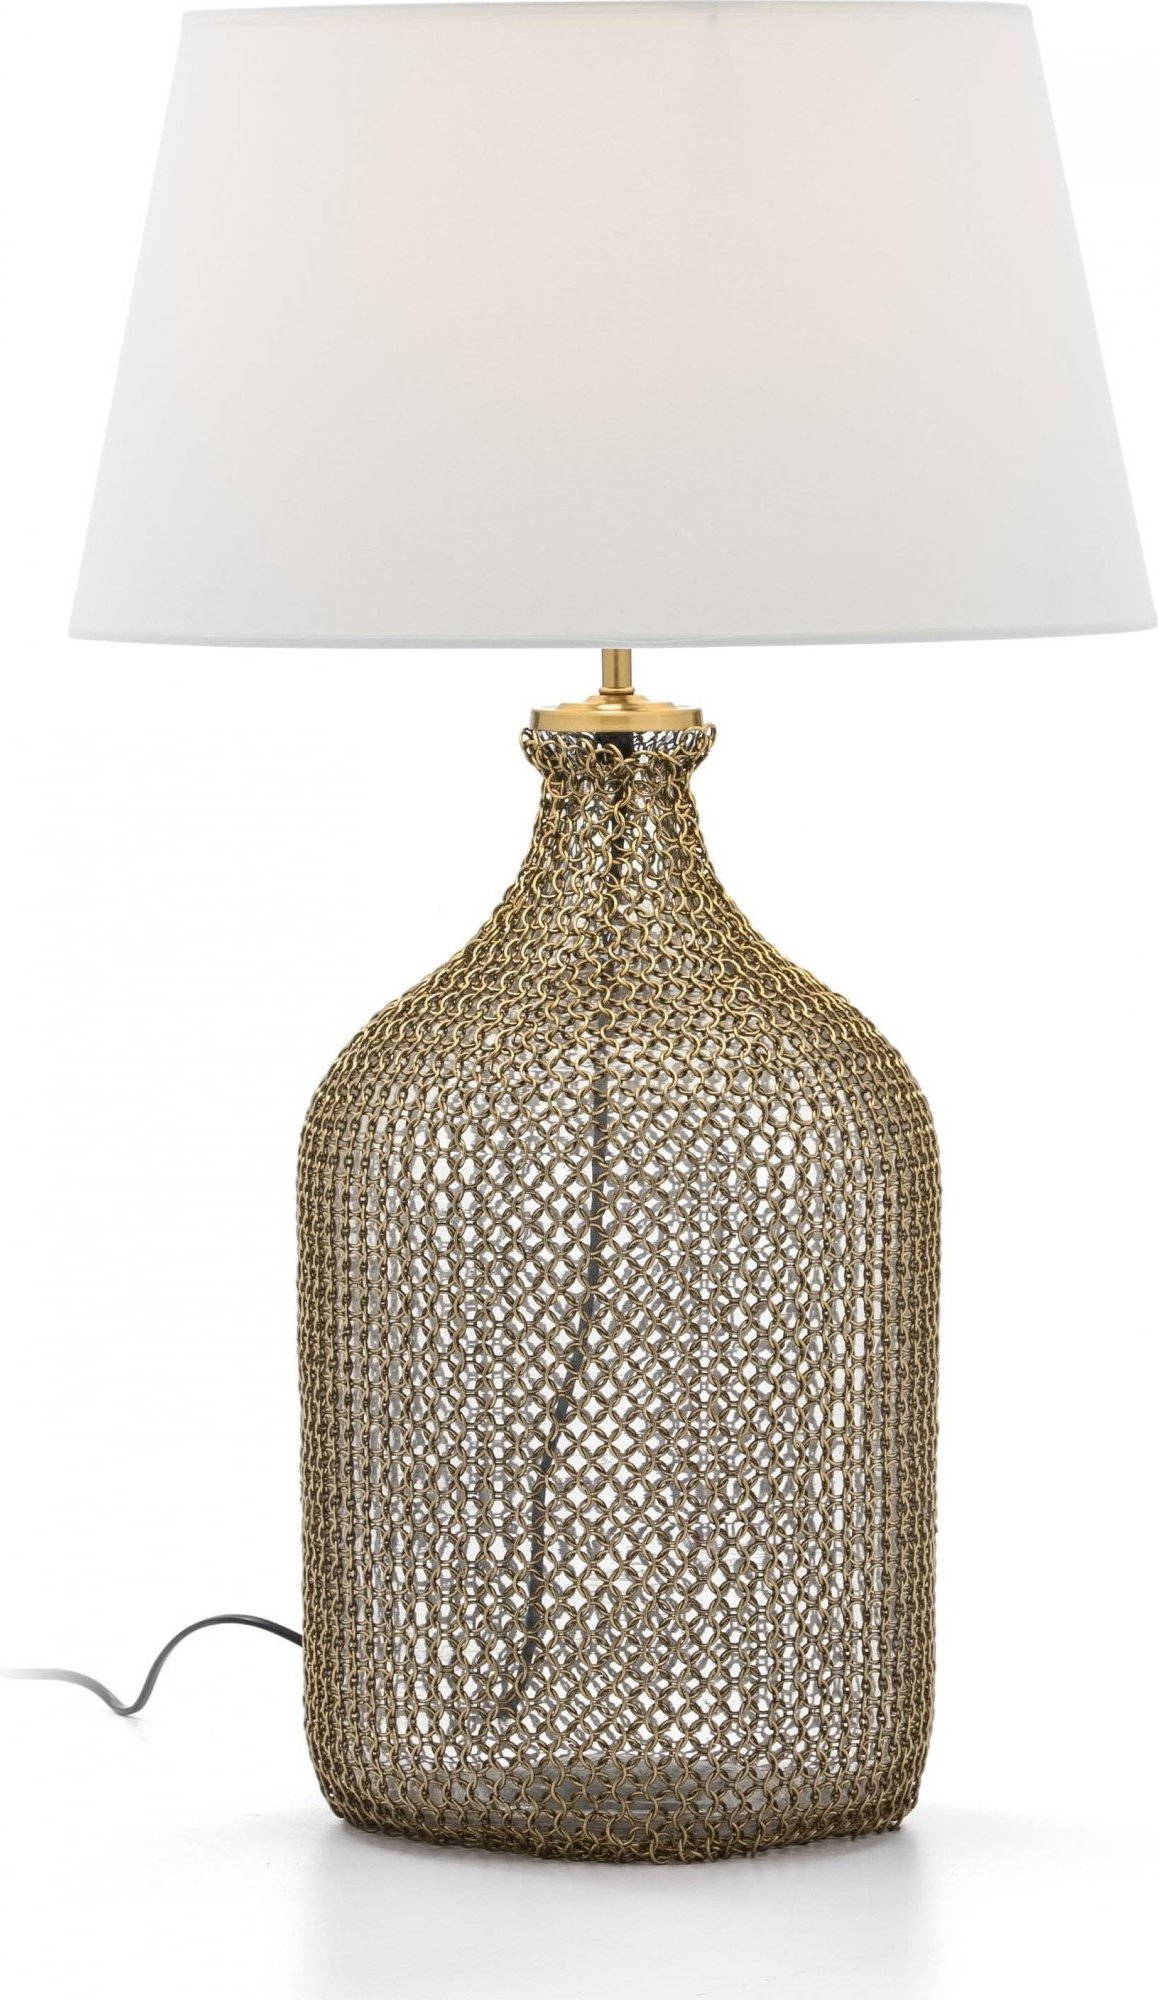 Lampe de table en verre et métal doré 26x26x55